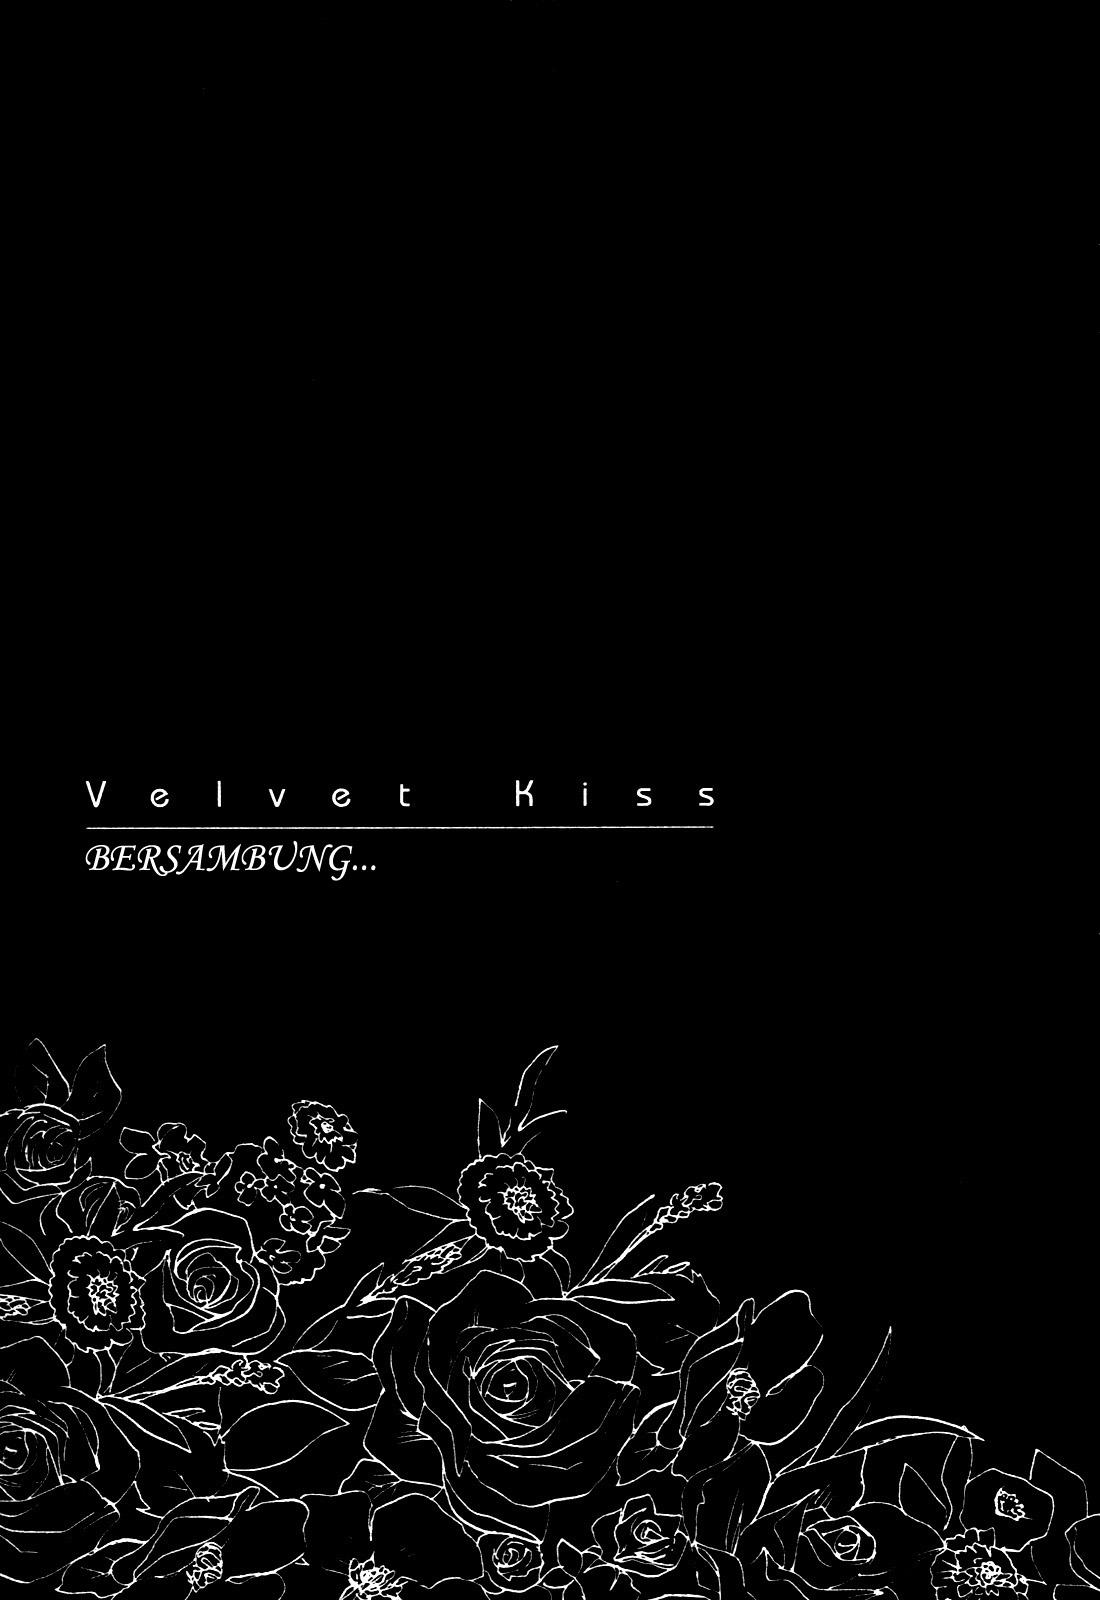 Velvet Kiss-indonesia